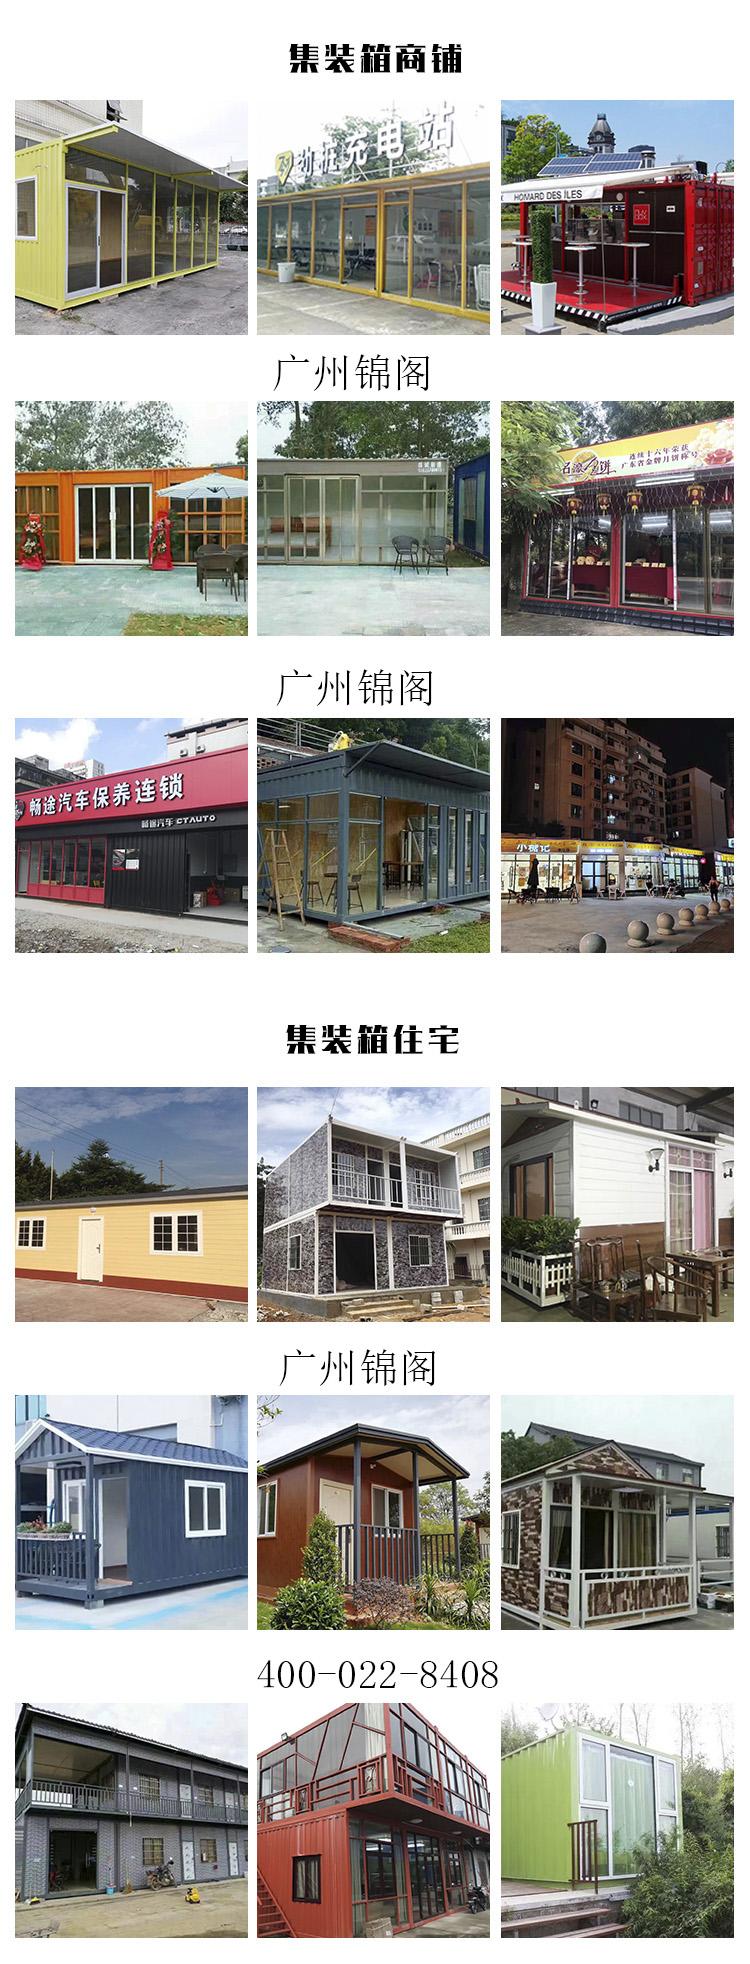 4公司集装箱产品展示LOGO.jpg